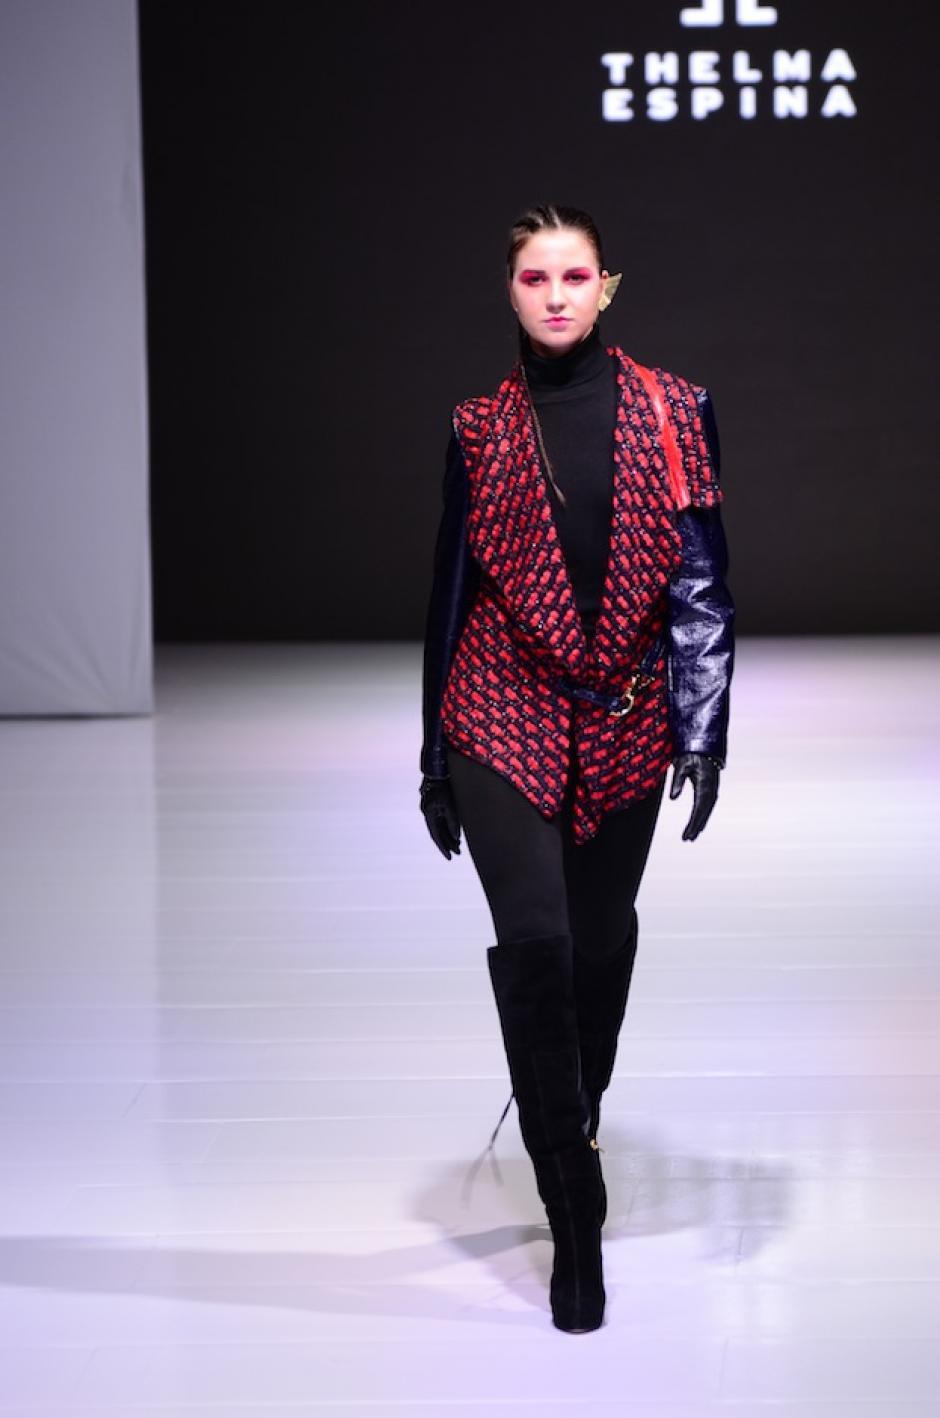 Las chaquetas de Thelma Espina son versátiles. (Foto: Selene Mejía/Soy502)